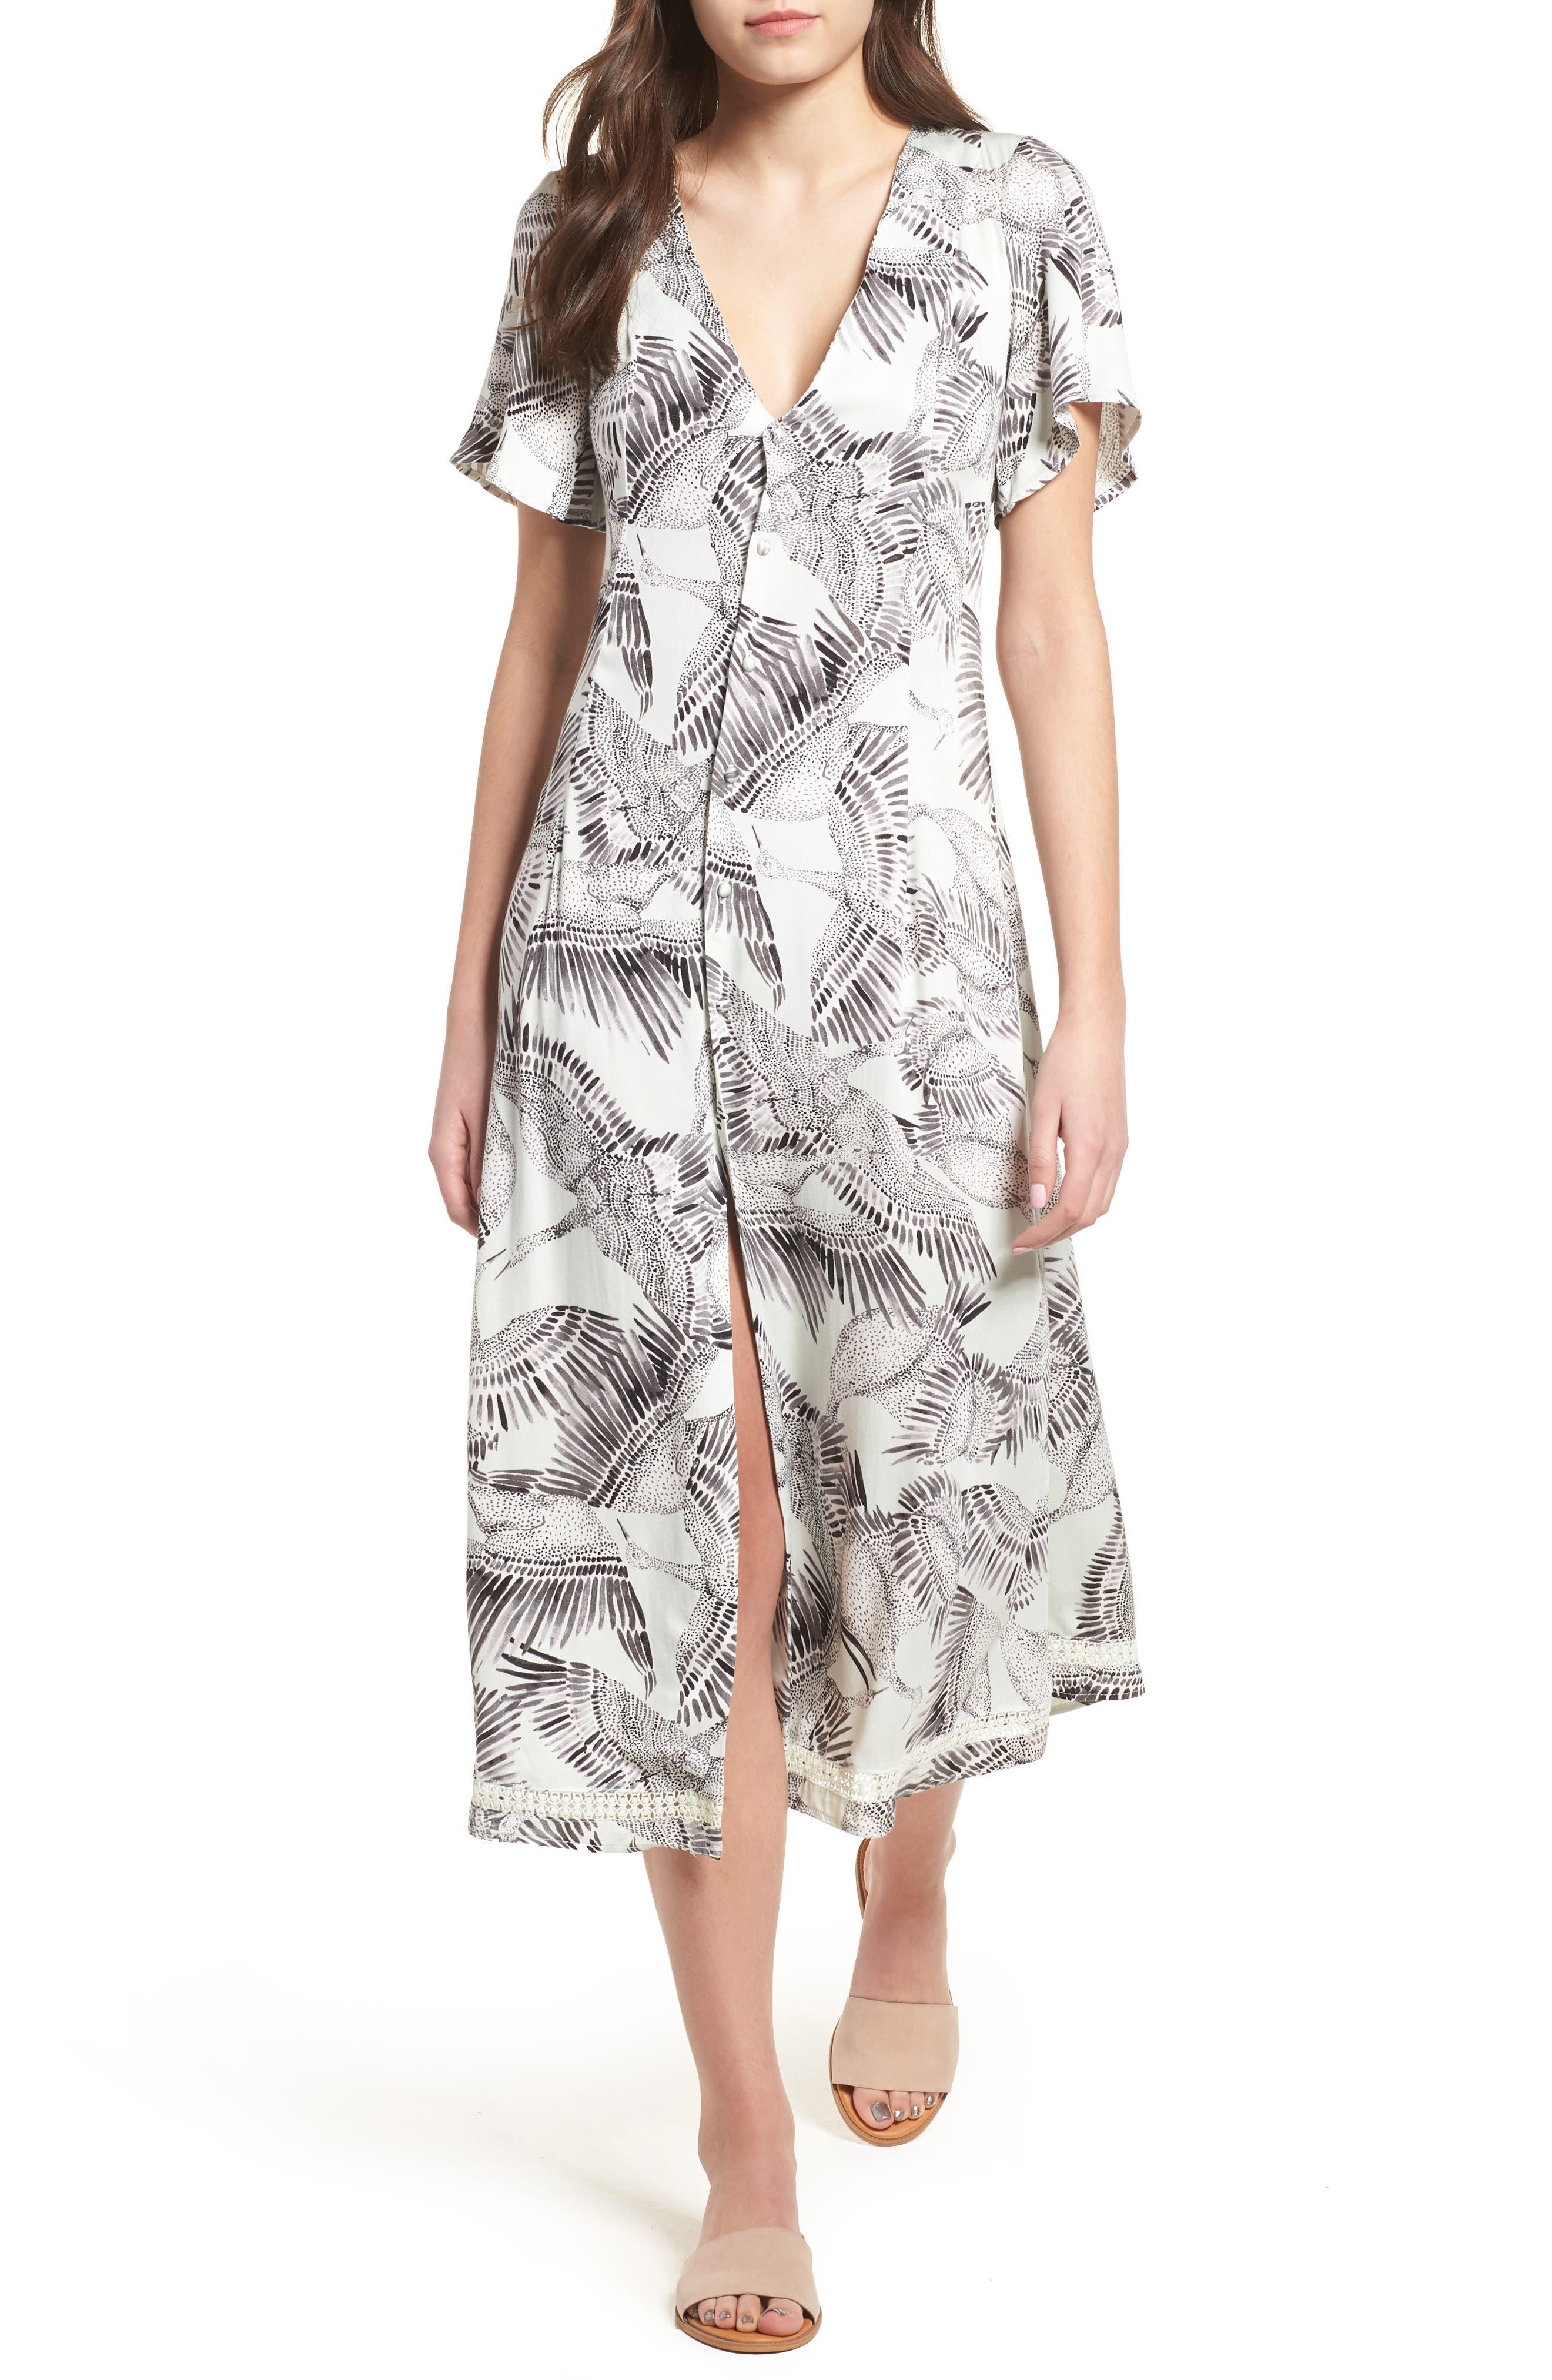 Taking Flight Midi Dress,                             Main thumbnail 1, color,                             Multi Grey